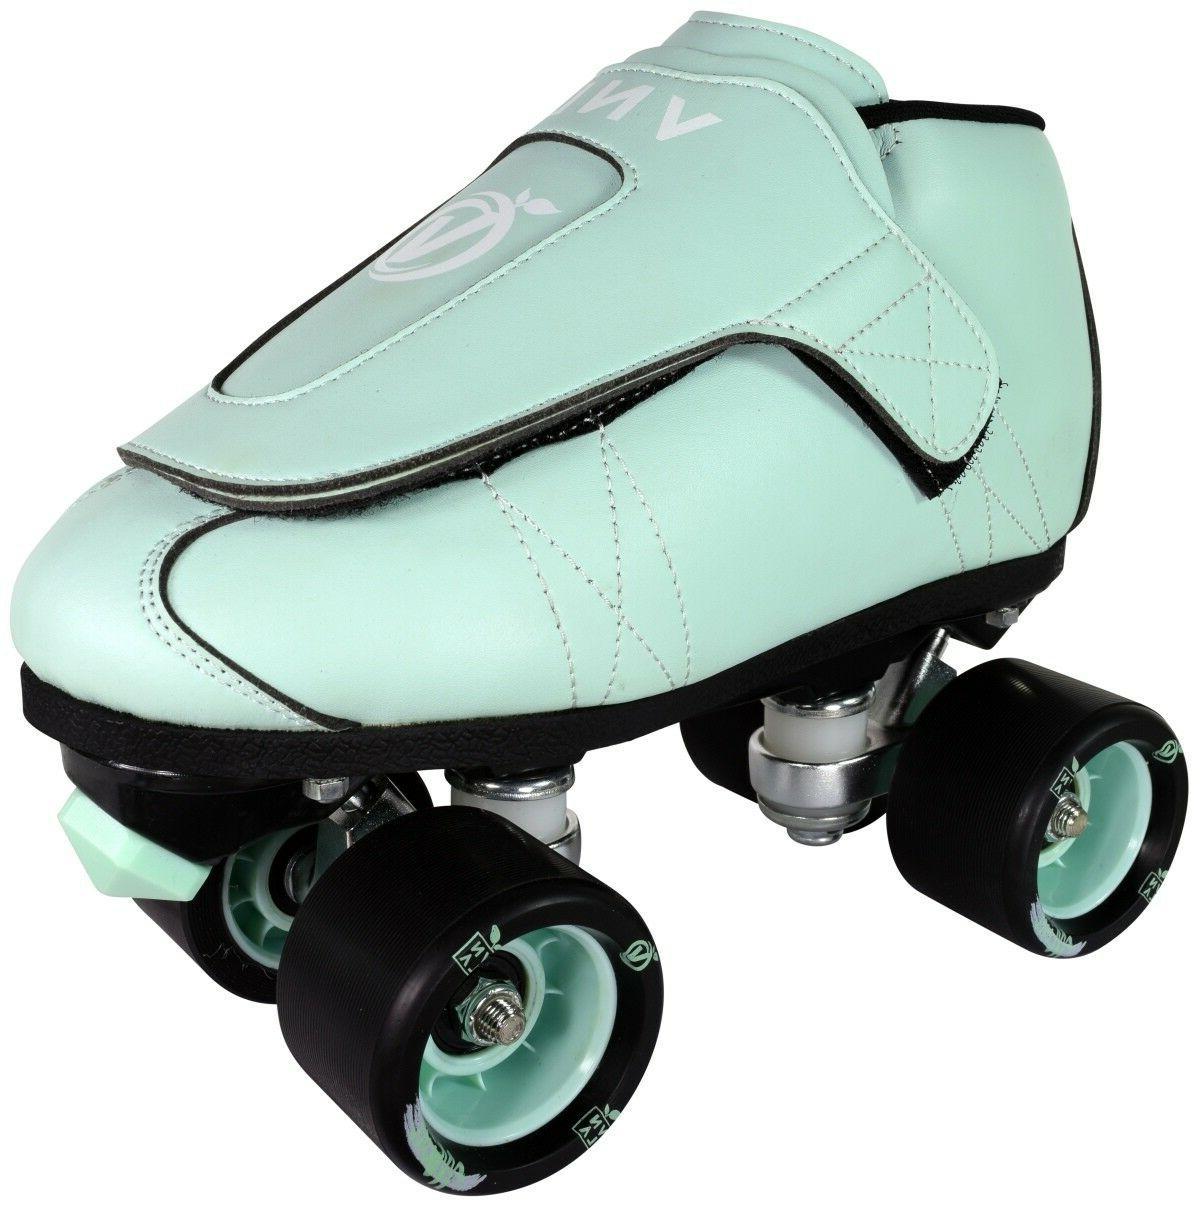 New VNLA Junior Jam Mint Roller Skates